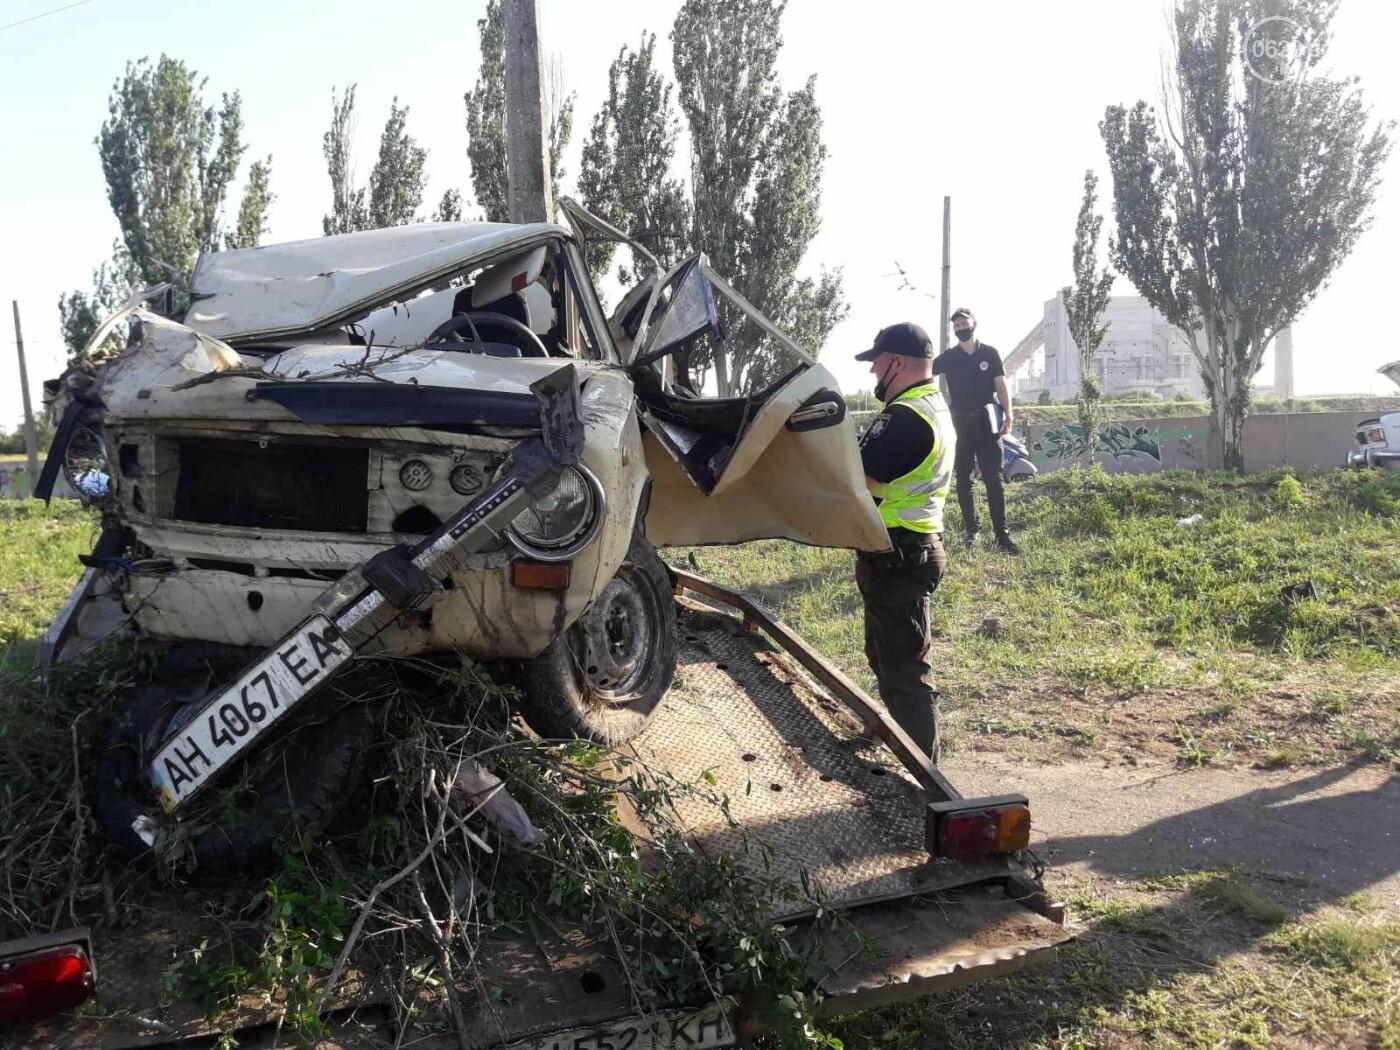 Серьезная авария в Кальмиусском районе. ВАЗ с пассажирами вылетел в кювет, четверо пострадавших, - ФОТО, фото-10